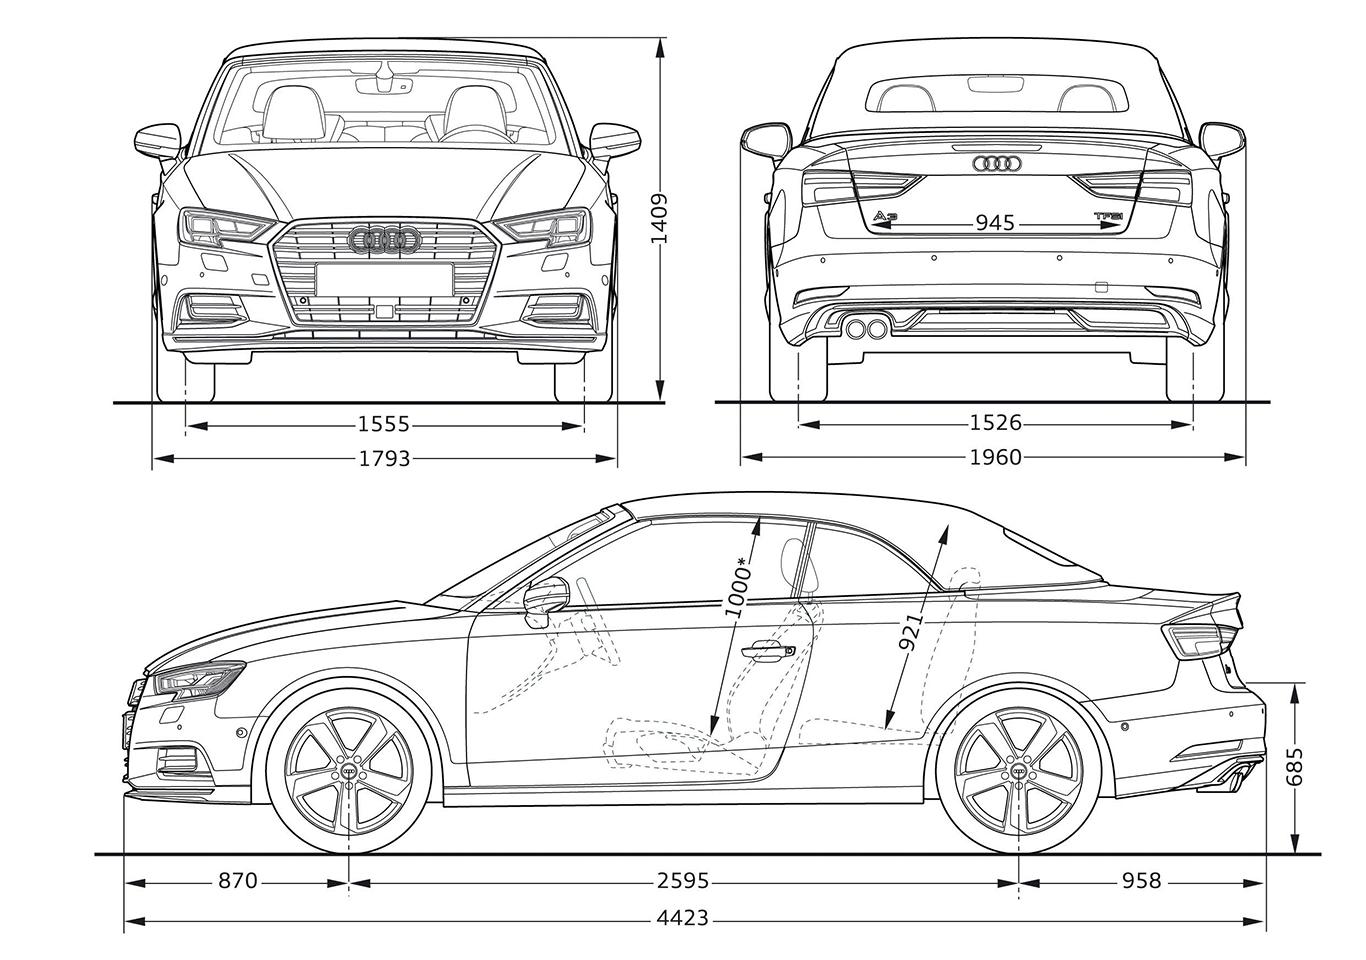 Um genau 35 Millimeter ist das Audi A3 Cabrio kürzer als die Limousine. Zwischen 285 Liter (Frontantrieb) und 320 Liter (Allrad) passen in den Kofferraum.